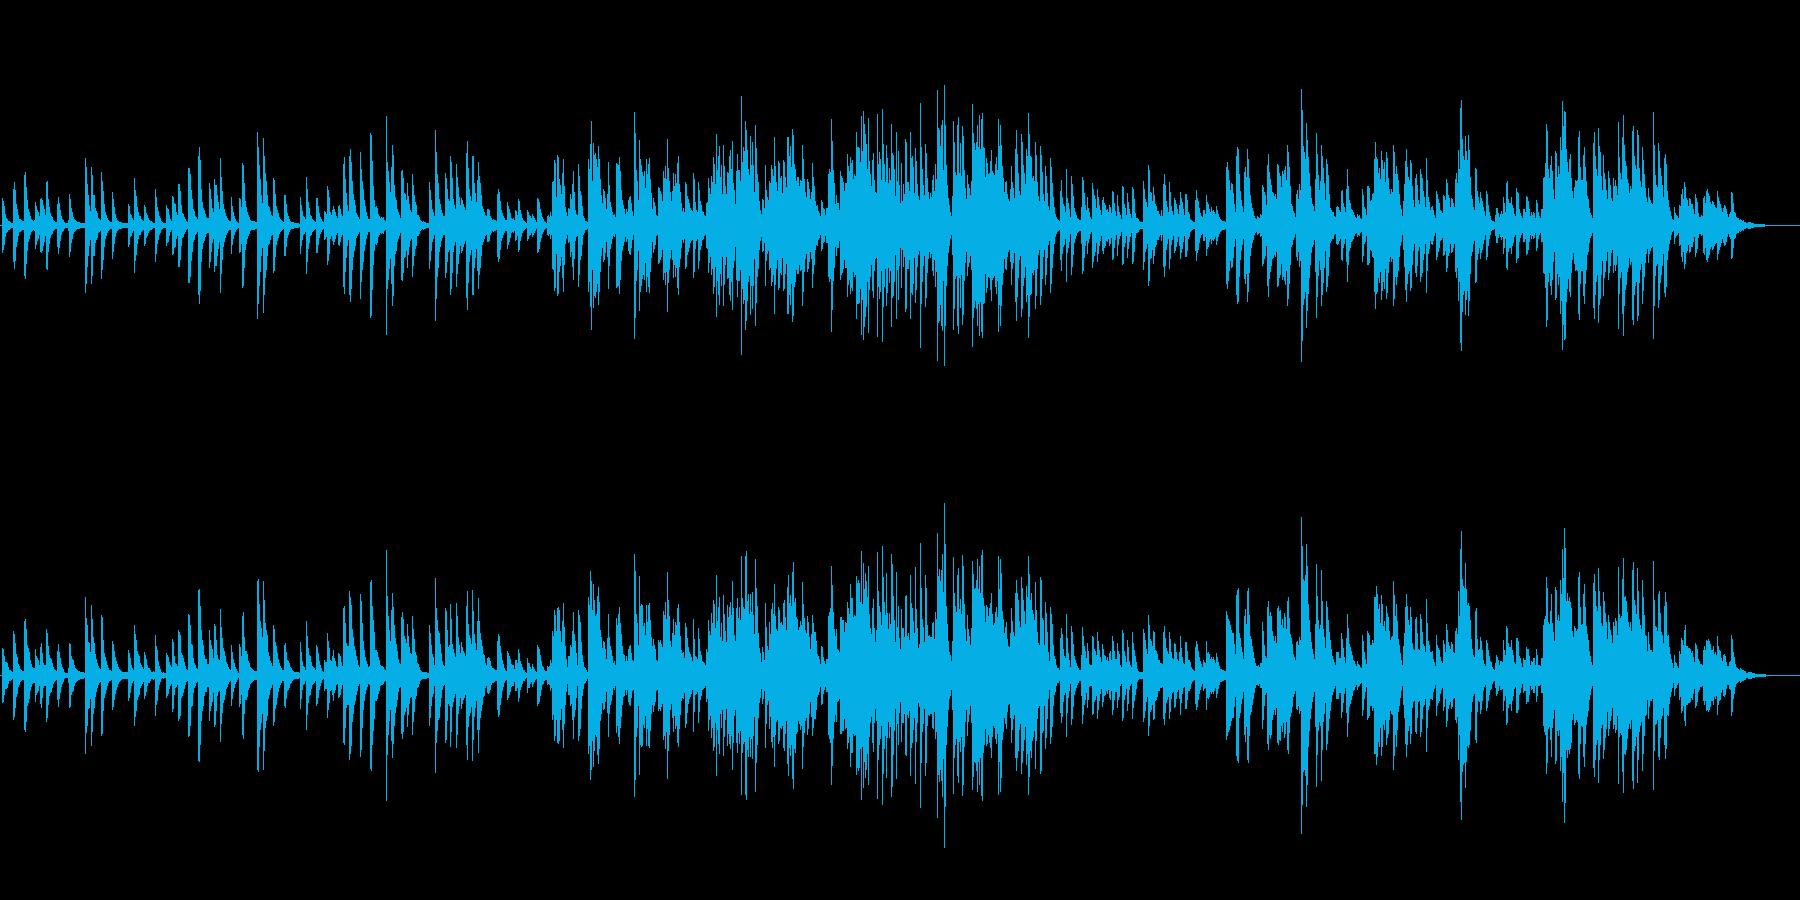 静かで穏やかイージーリスニングピアノソロの再生済みの波形